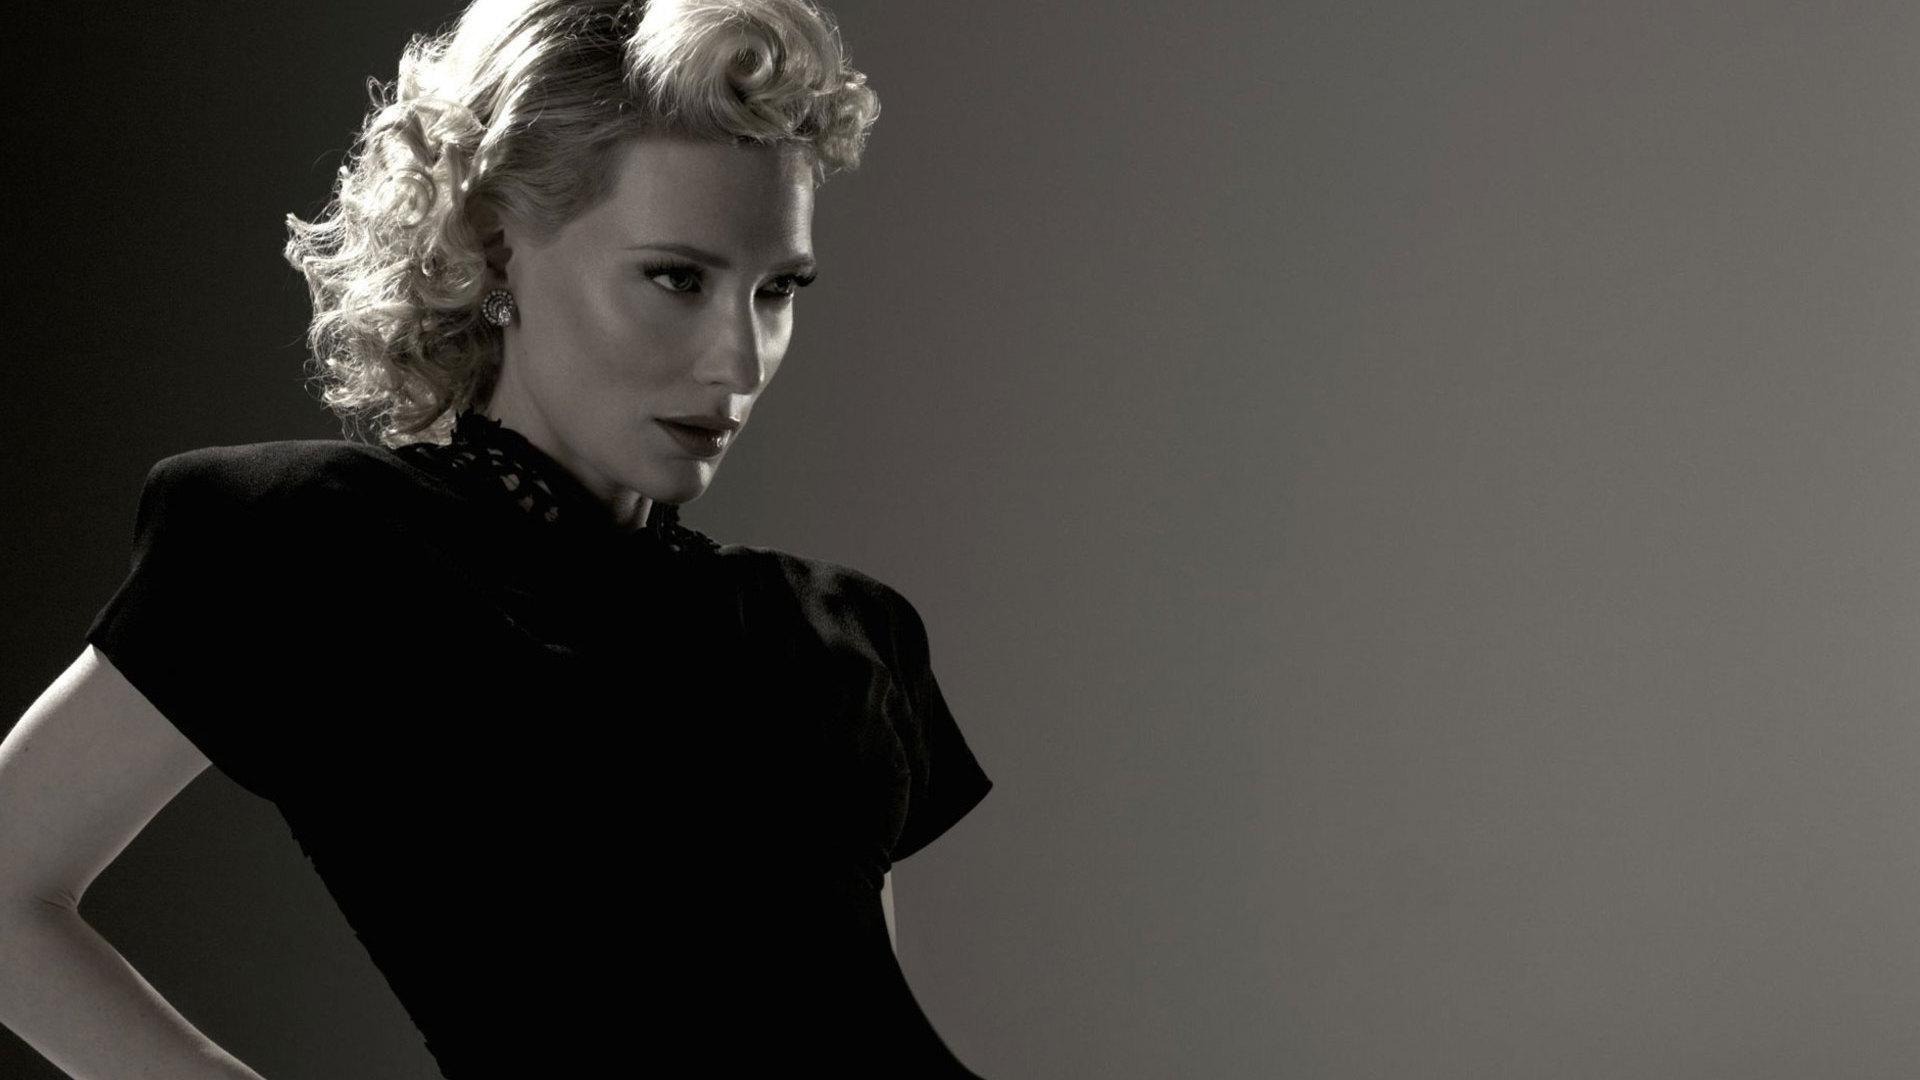 Girl Body Wallpaper Hd 18 Hd Cate Blanchett Wallpapers Hdwallsource Com